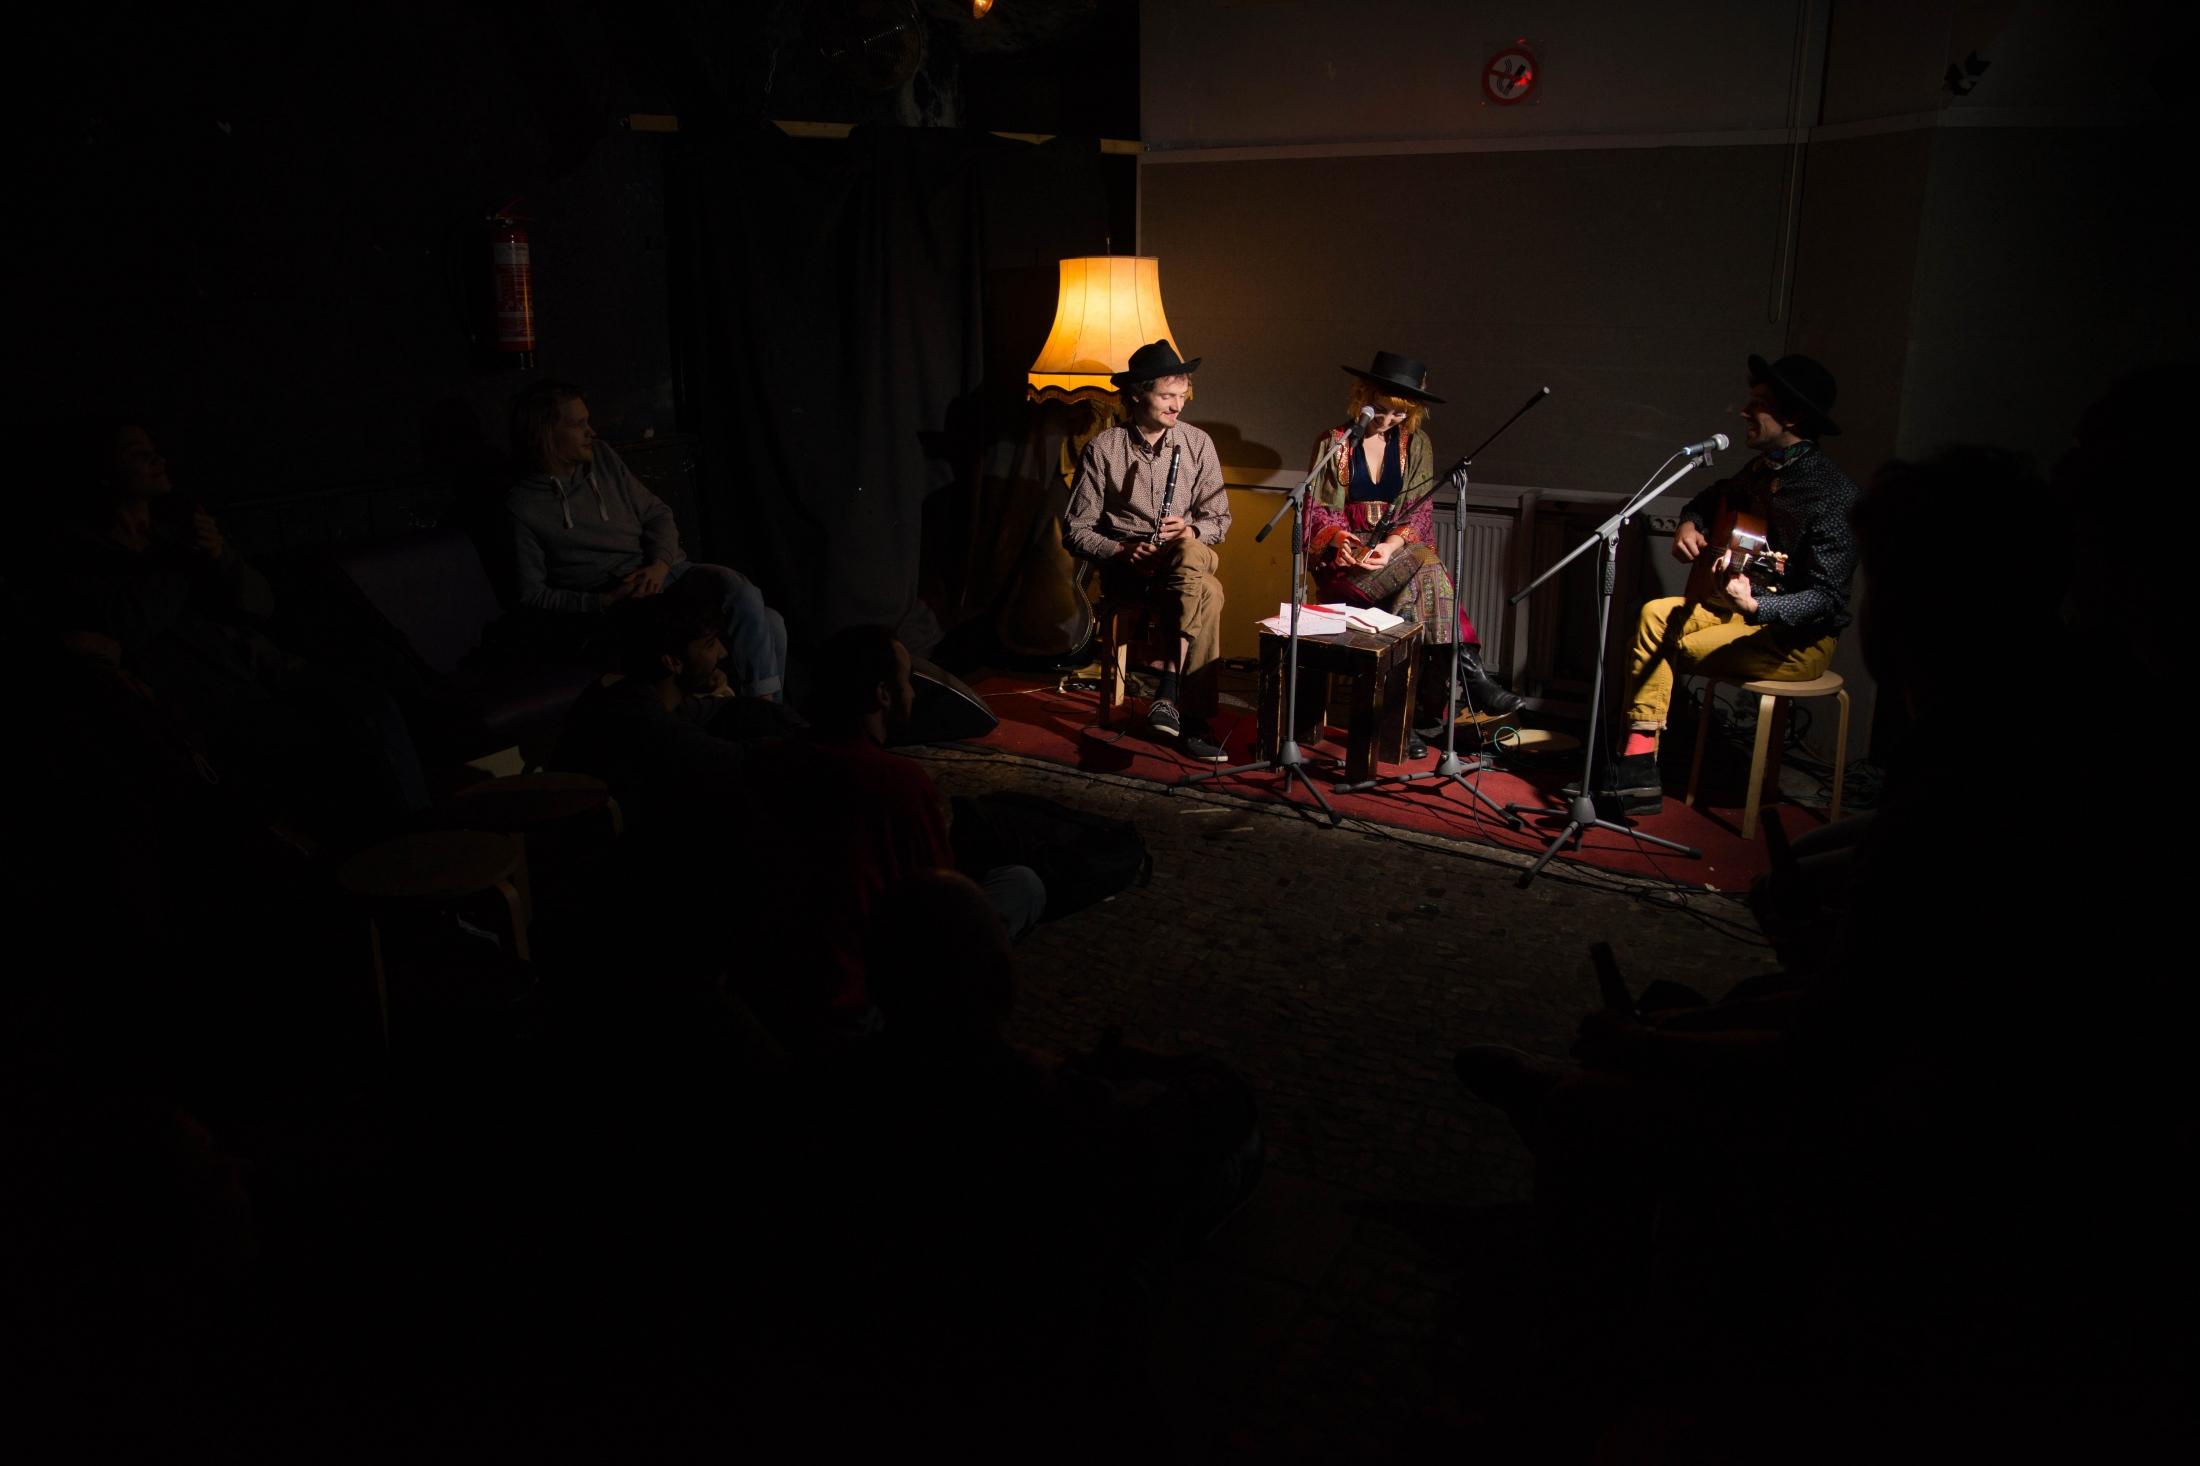 Muguet & Colibris play a concert at Madame Claude. Berlin, January 8, 2019.